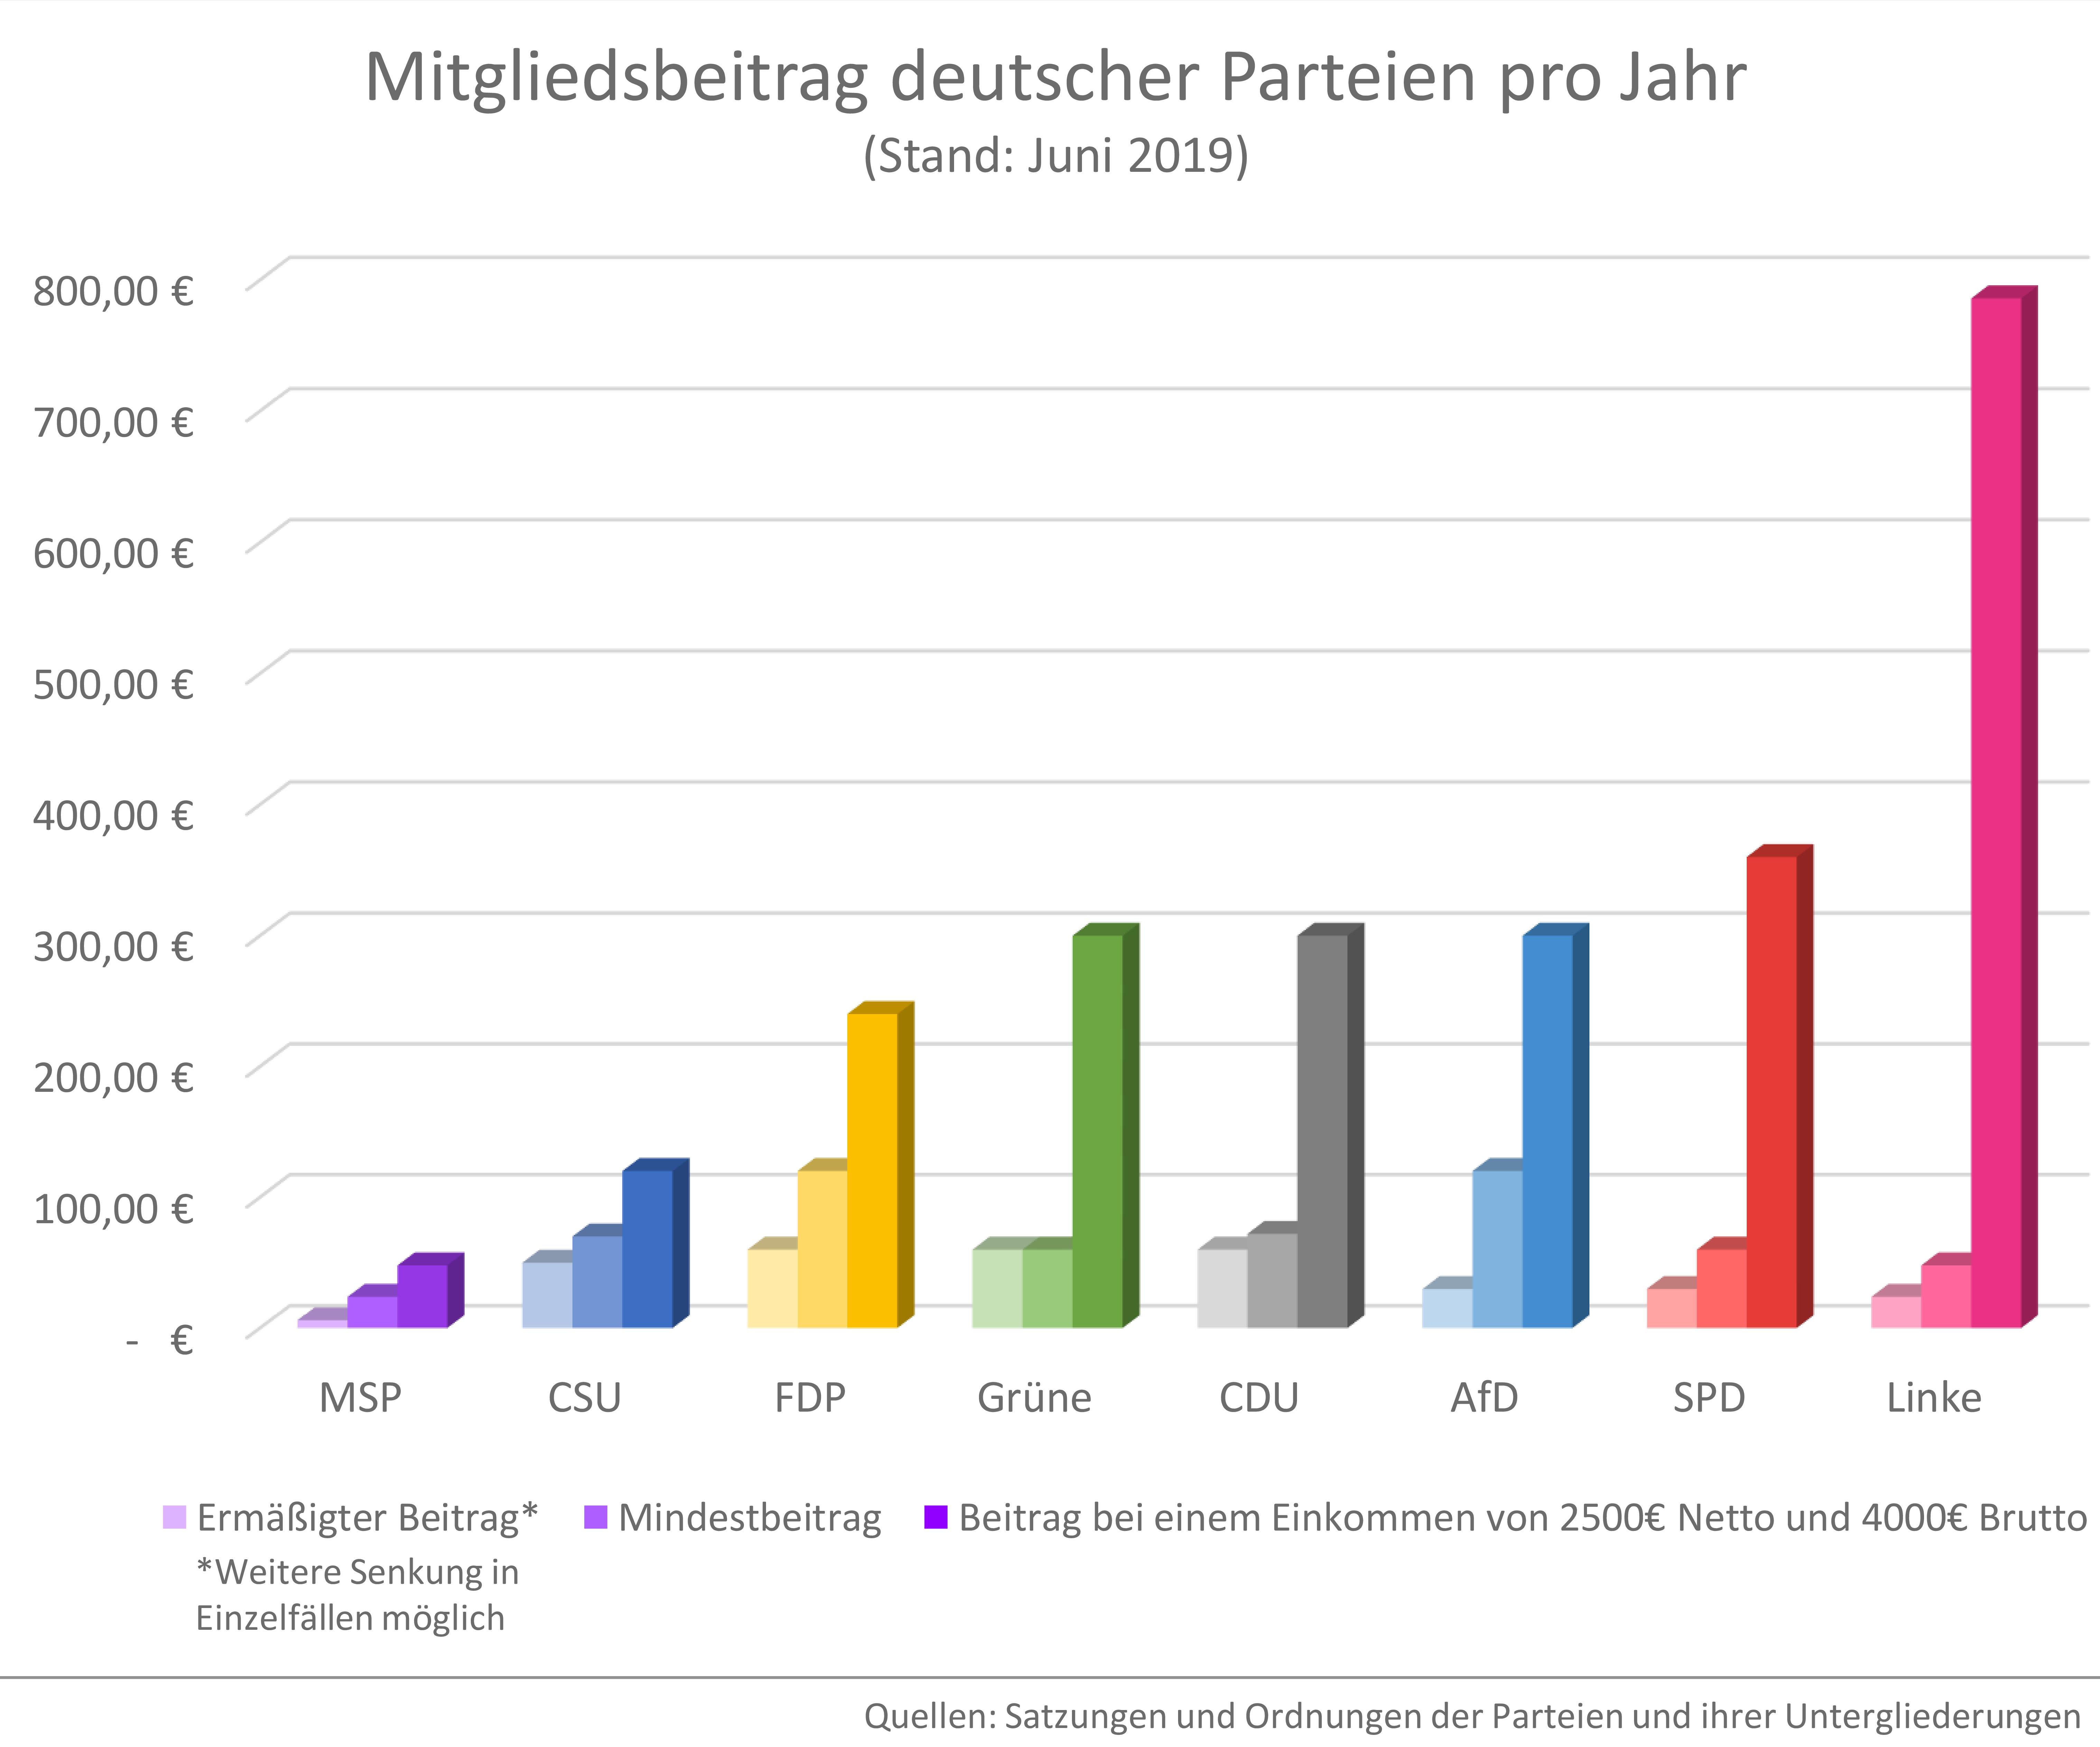 Mitgliedsbeiträge deutscher Parteien im Vergleich 2019